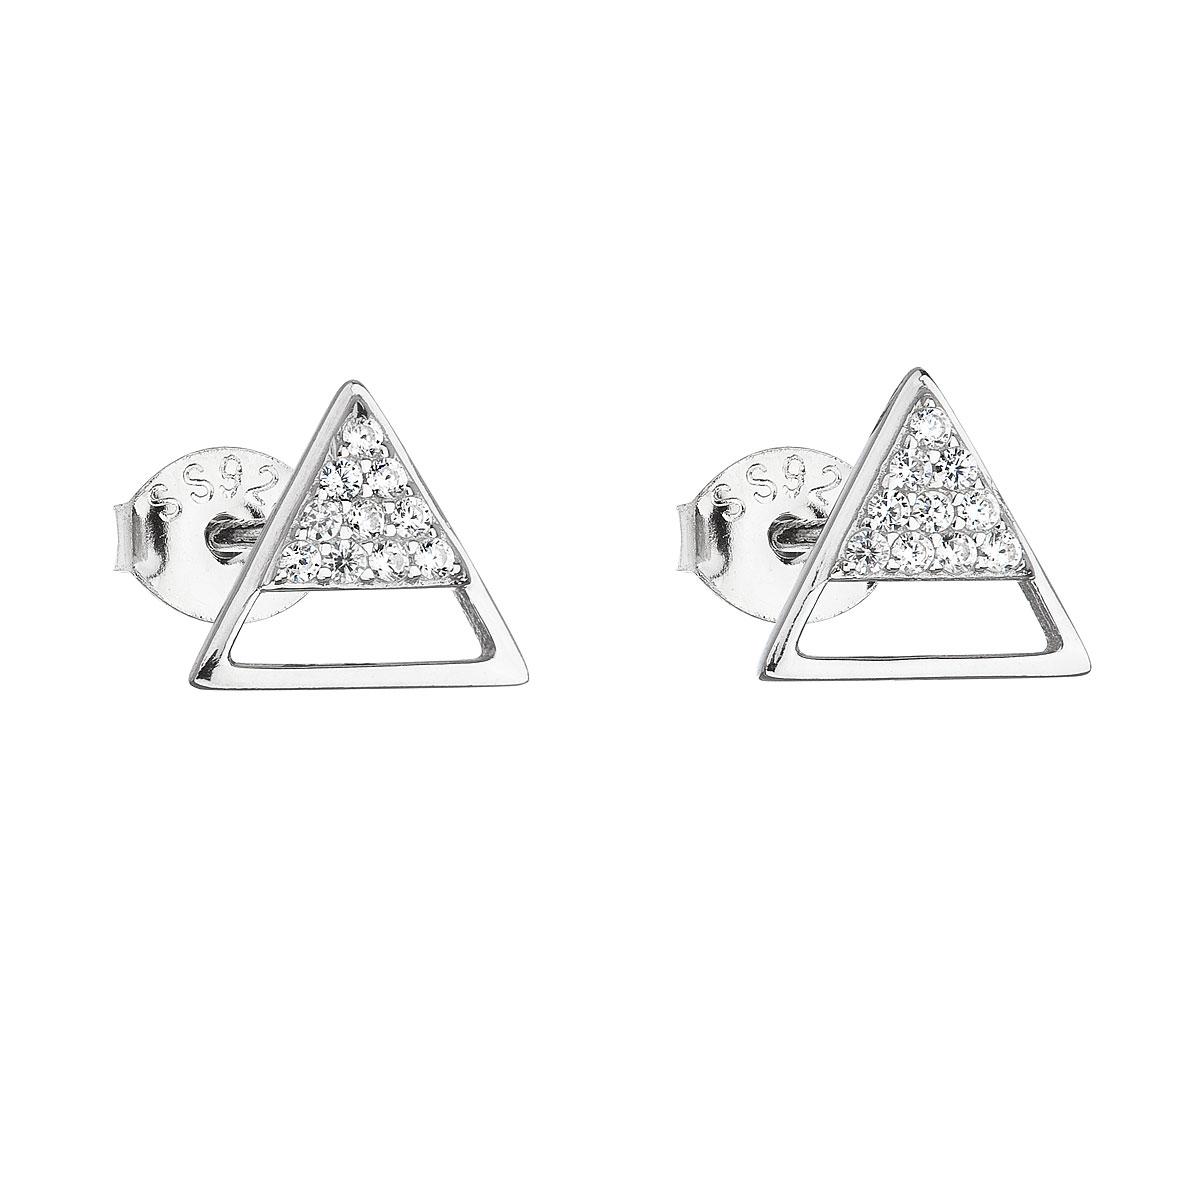 Strieborné náušnice kôstky so zirkónom biely trojuholník 11159.1